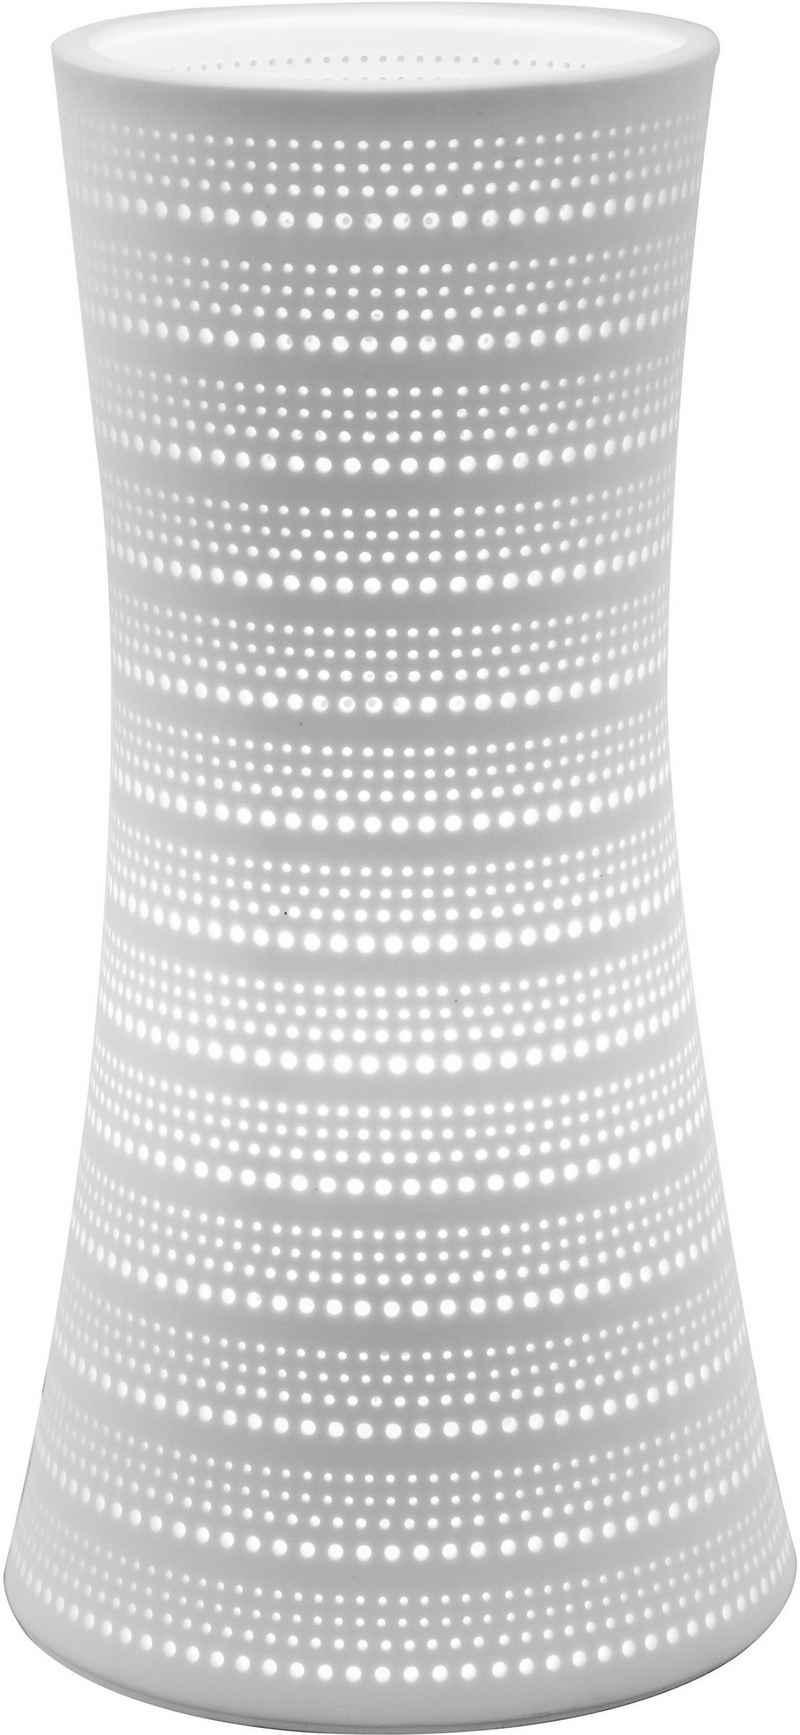 Nino Leuchten Tischleuchte »Caro«